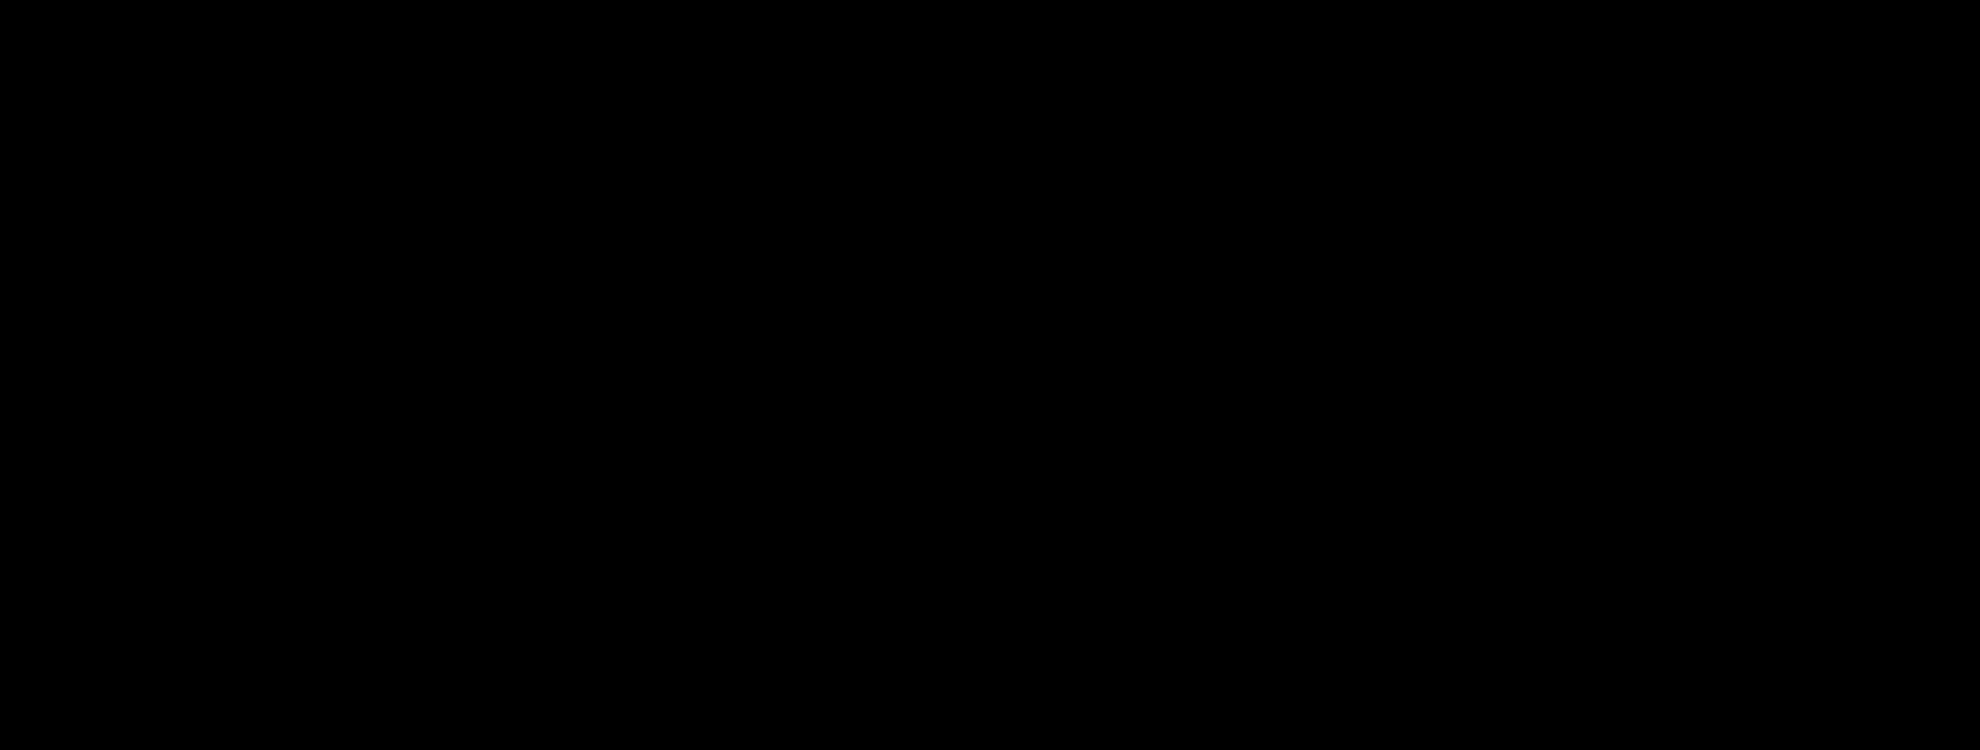 2-(Diethylamino)-N-((3-(4-methoxy-d<sub>3</sub>-phenyl)isoxazol-5-yl)methyl)acetamide